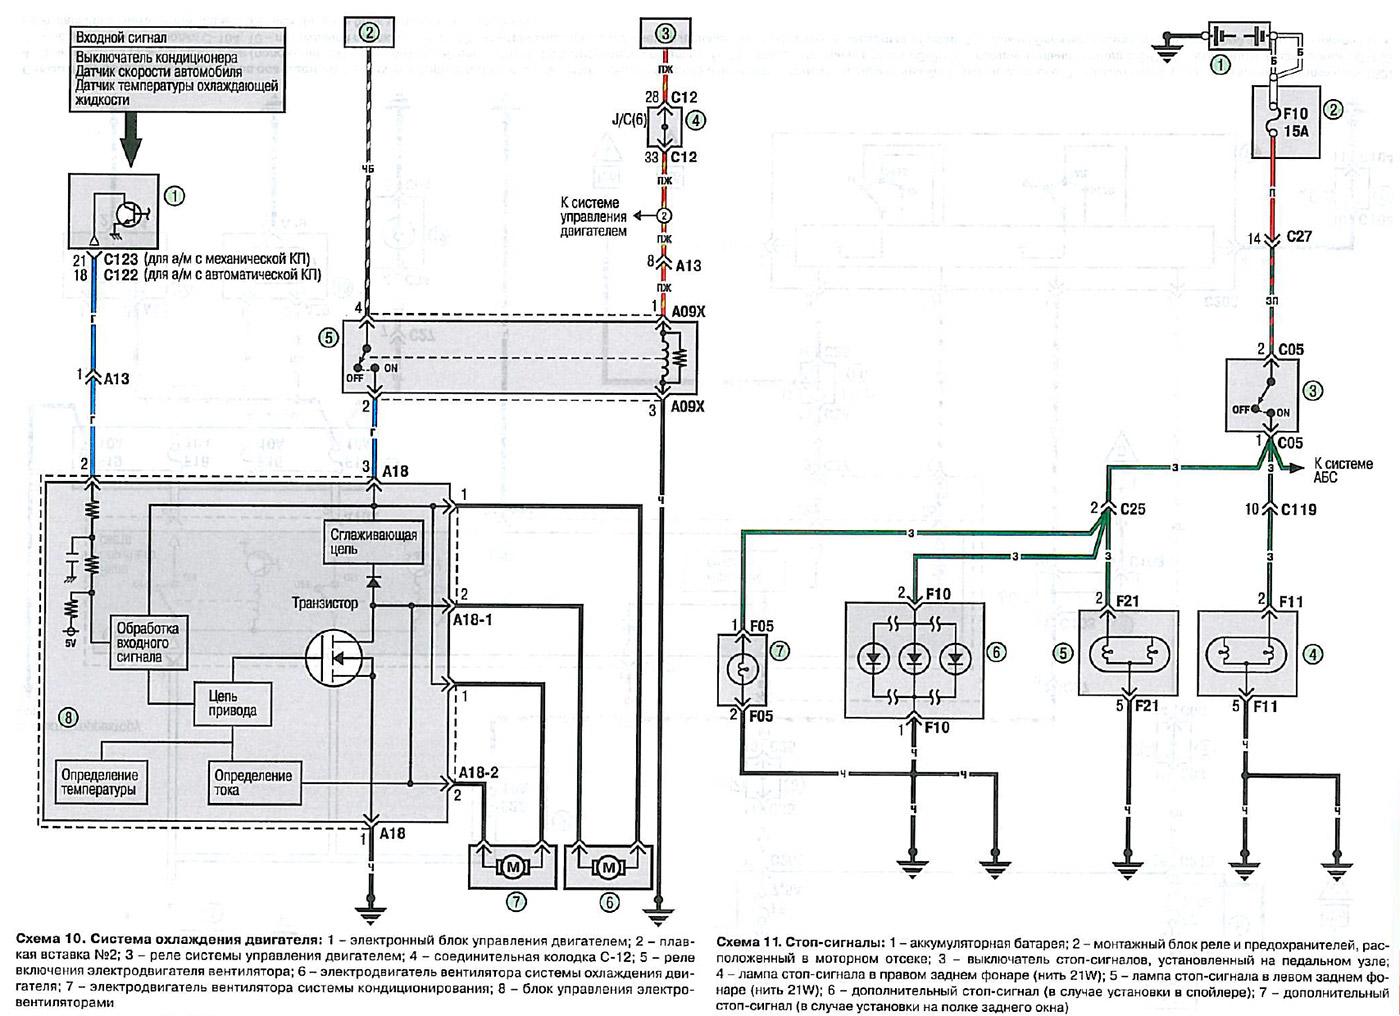 Схема системы охлаждения на митсубиси кантер